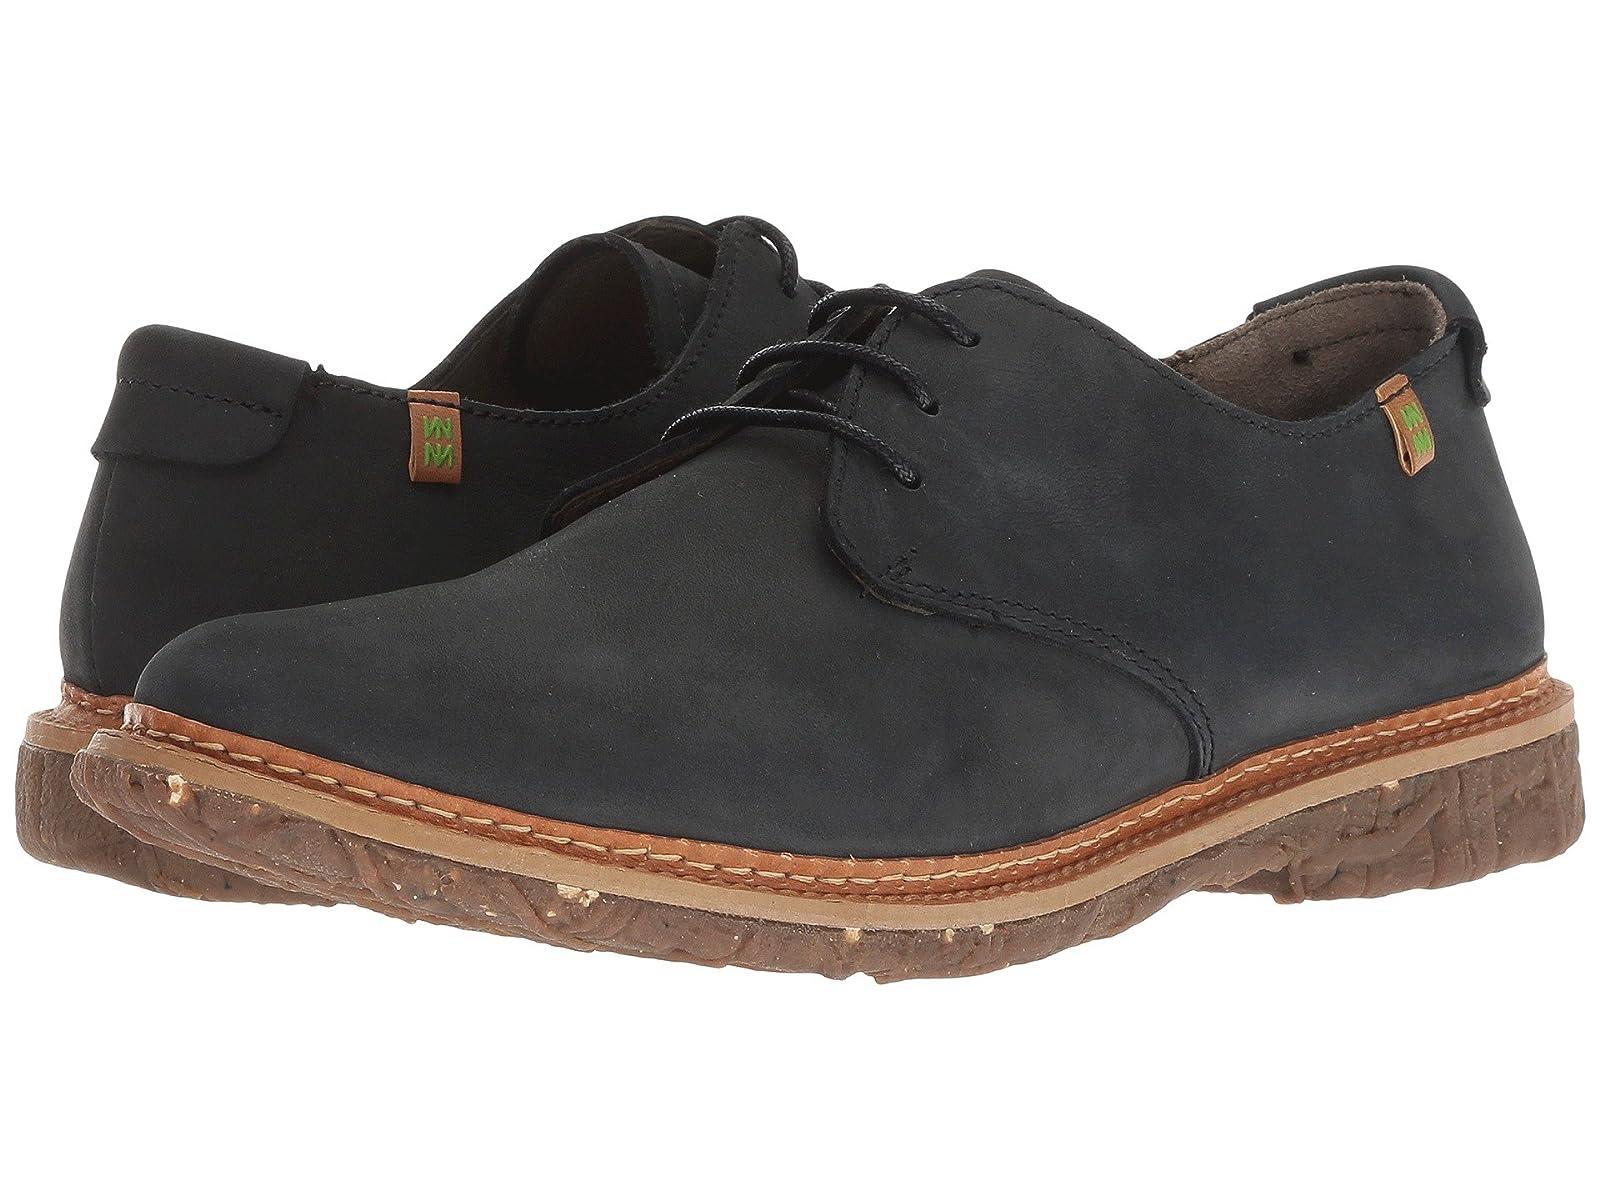 El Naturalista Angkor N5471Atmospheric grades have affordable shoes